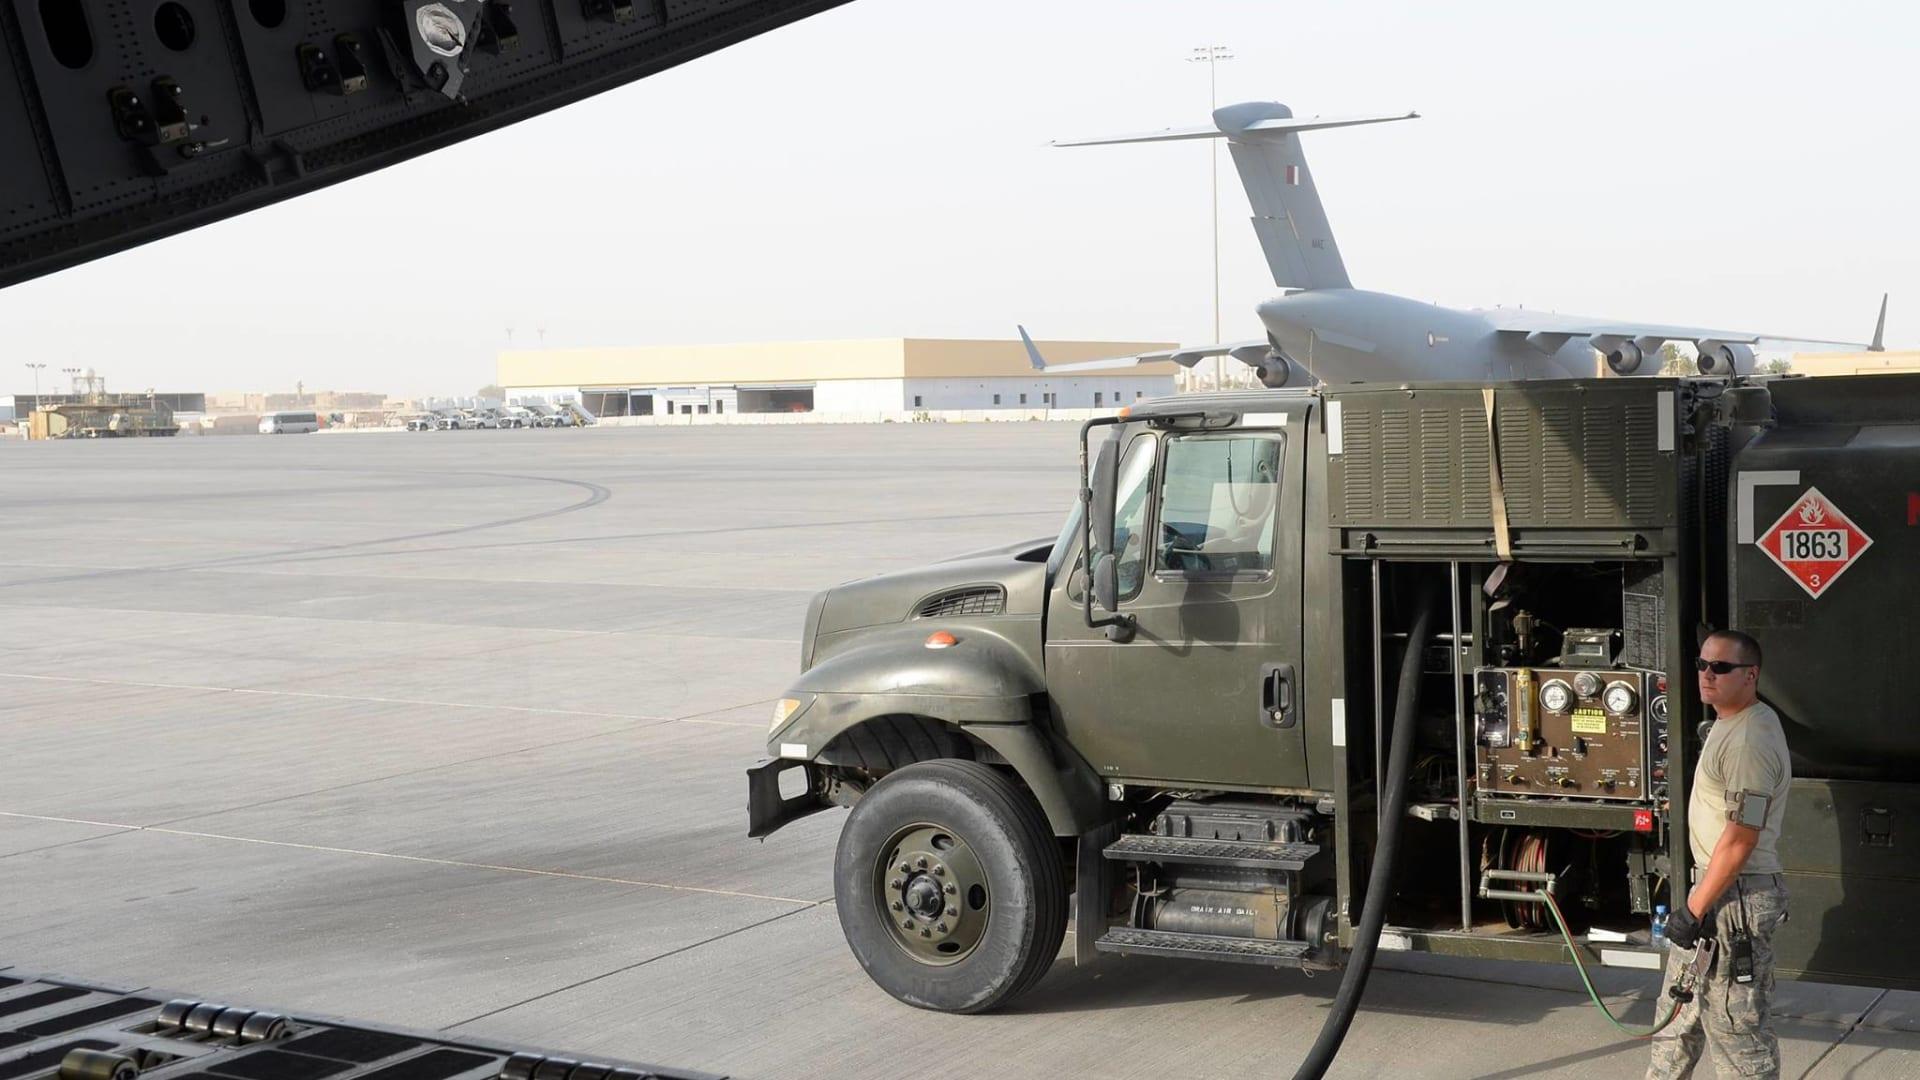 """بالصور.. قوات التحالف الدولي بقيادة أمريكا تقول بالعربية: """"لا لداعش"""""""